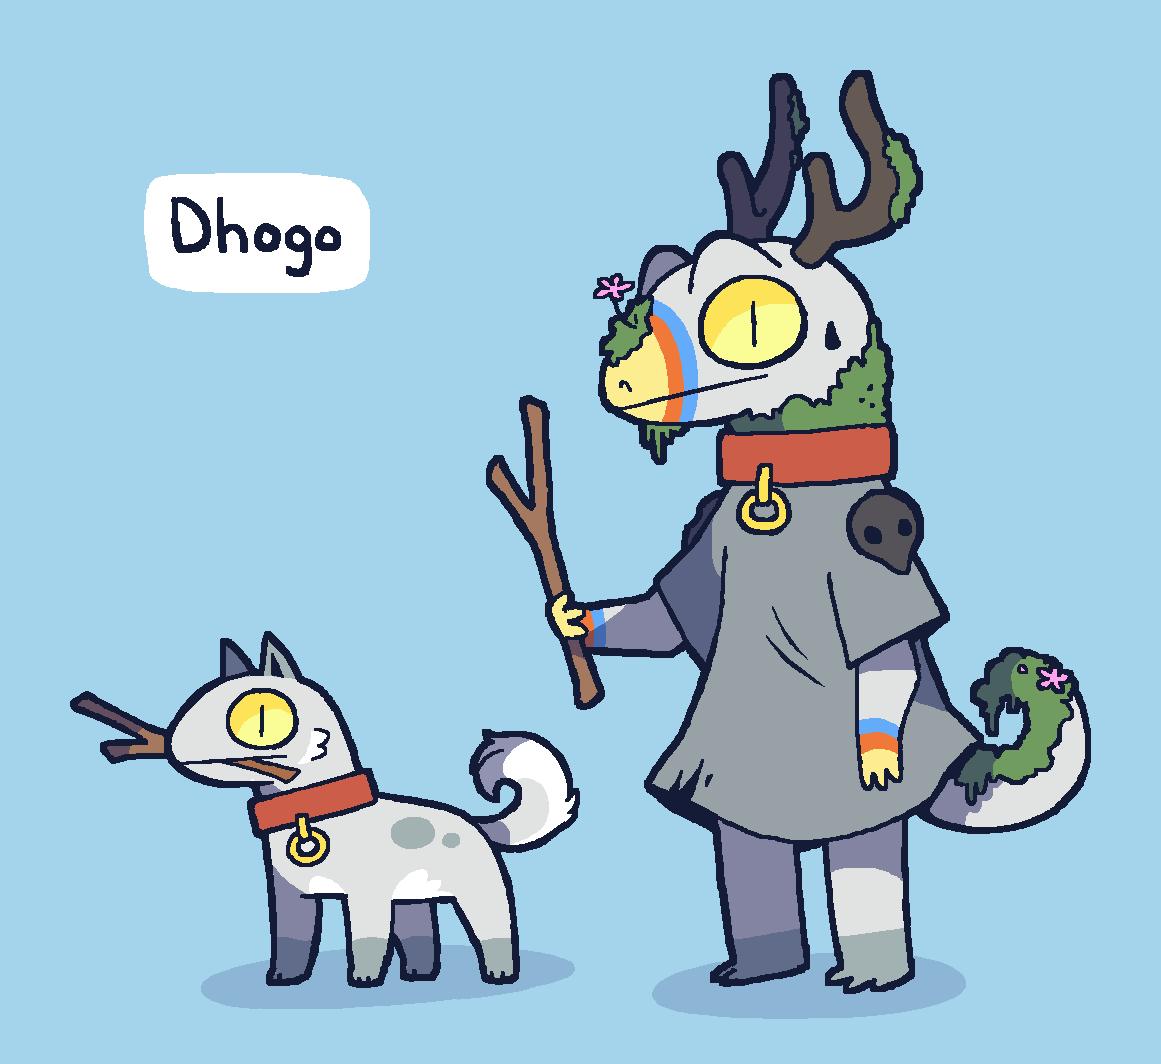 Dhogo